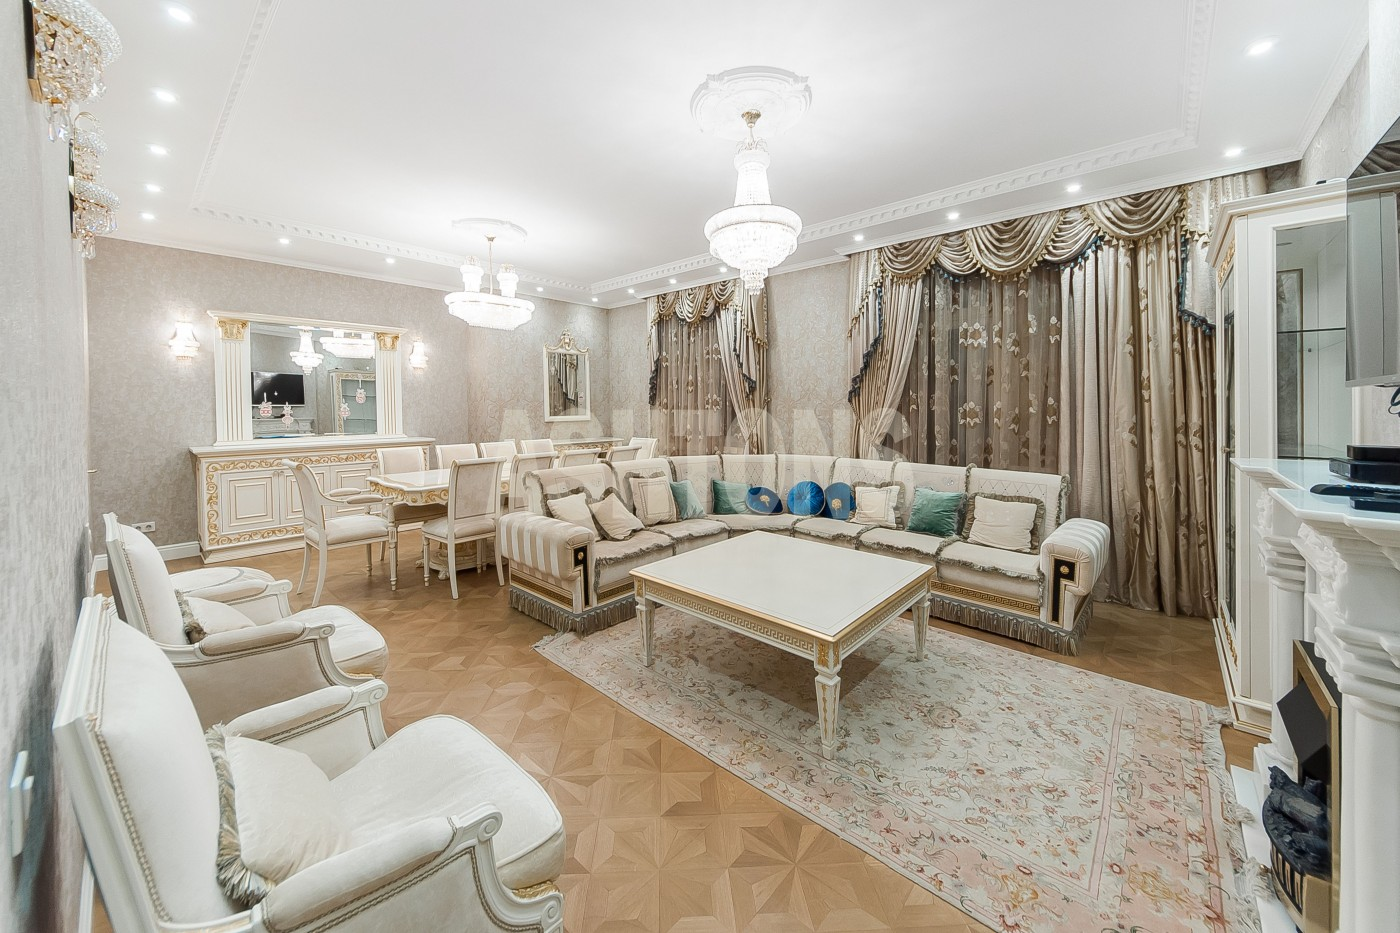 Аренда элитной квартиры в ЖК Золотые ключи на Минской улице